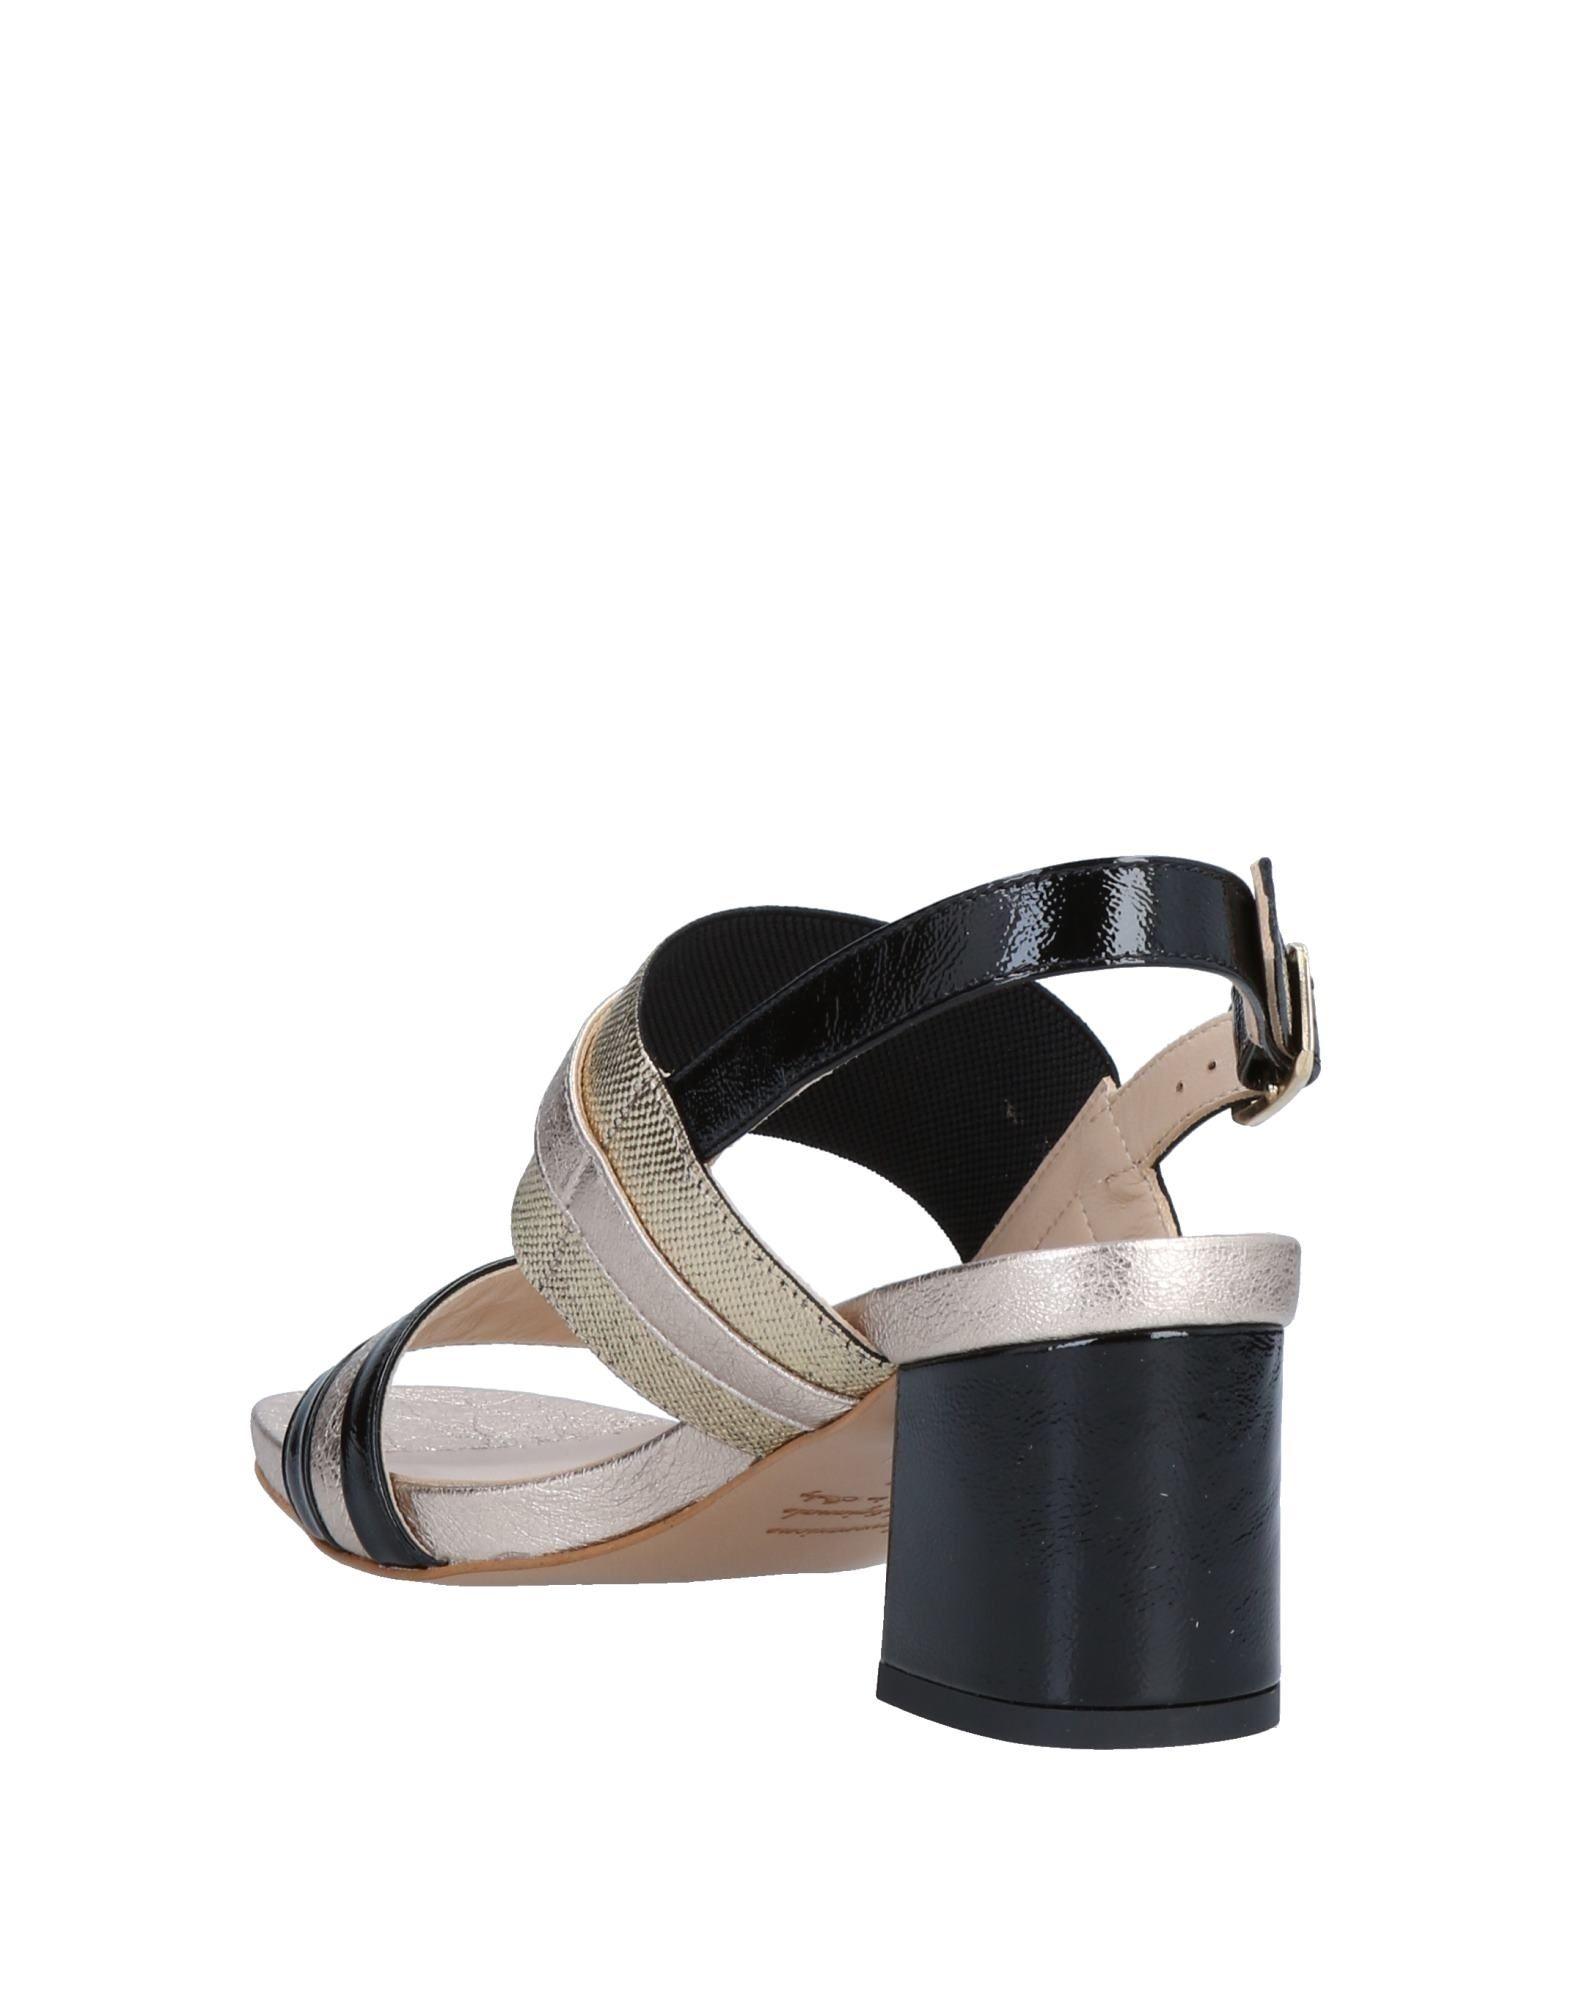 Damenschuhe Soft Sandalen Damen Gutes Gutes Damen Preis-Leistungs-Verhältnis, es lohnt sich f013d5